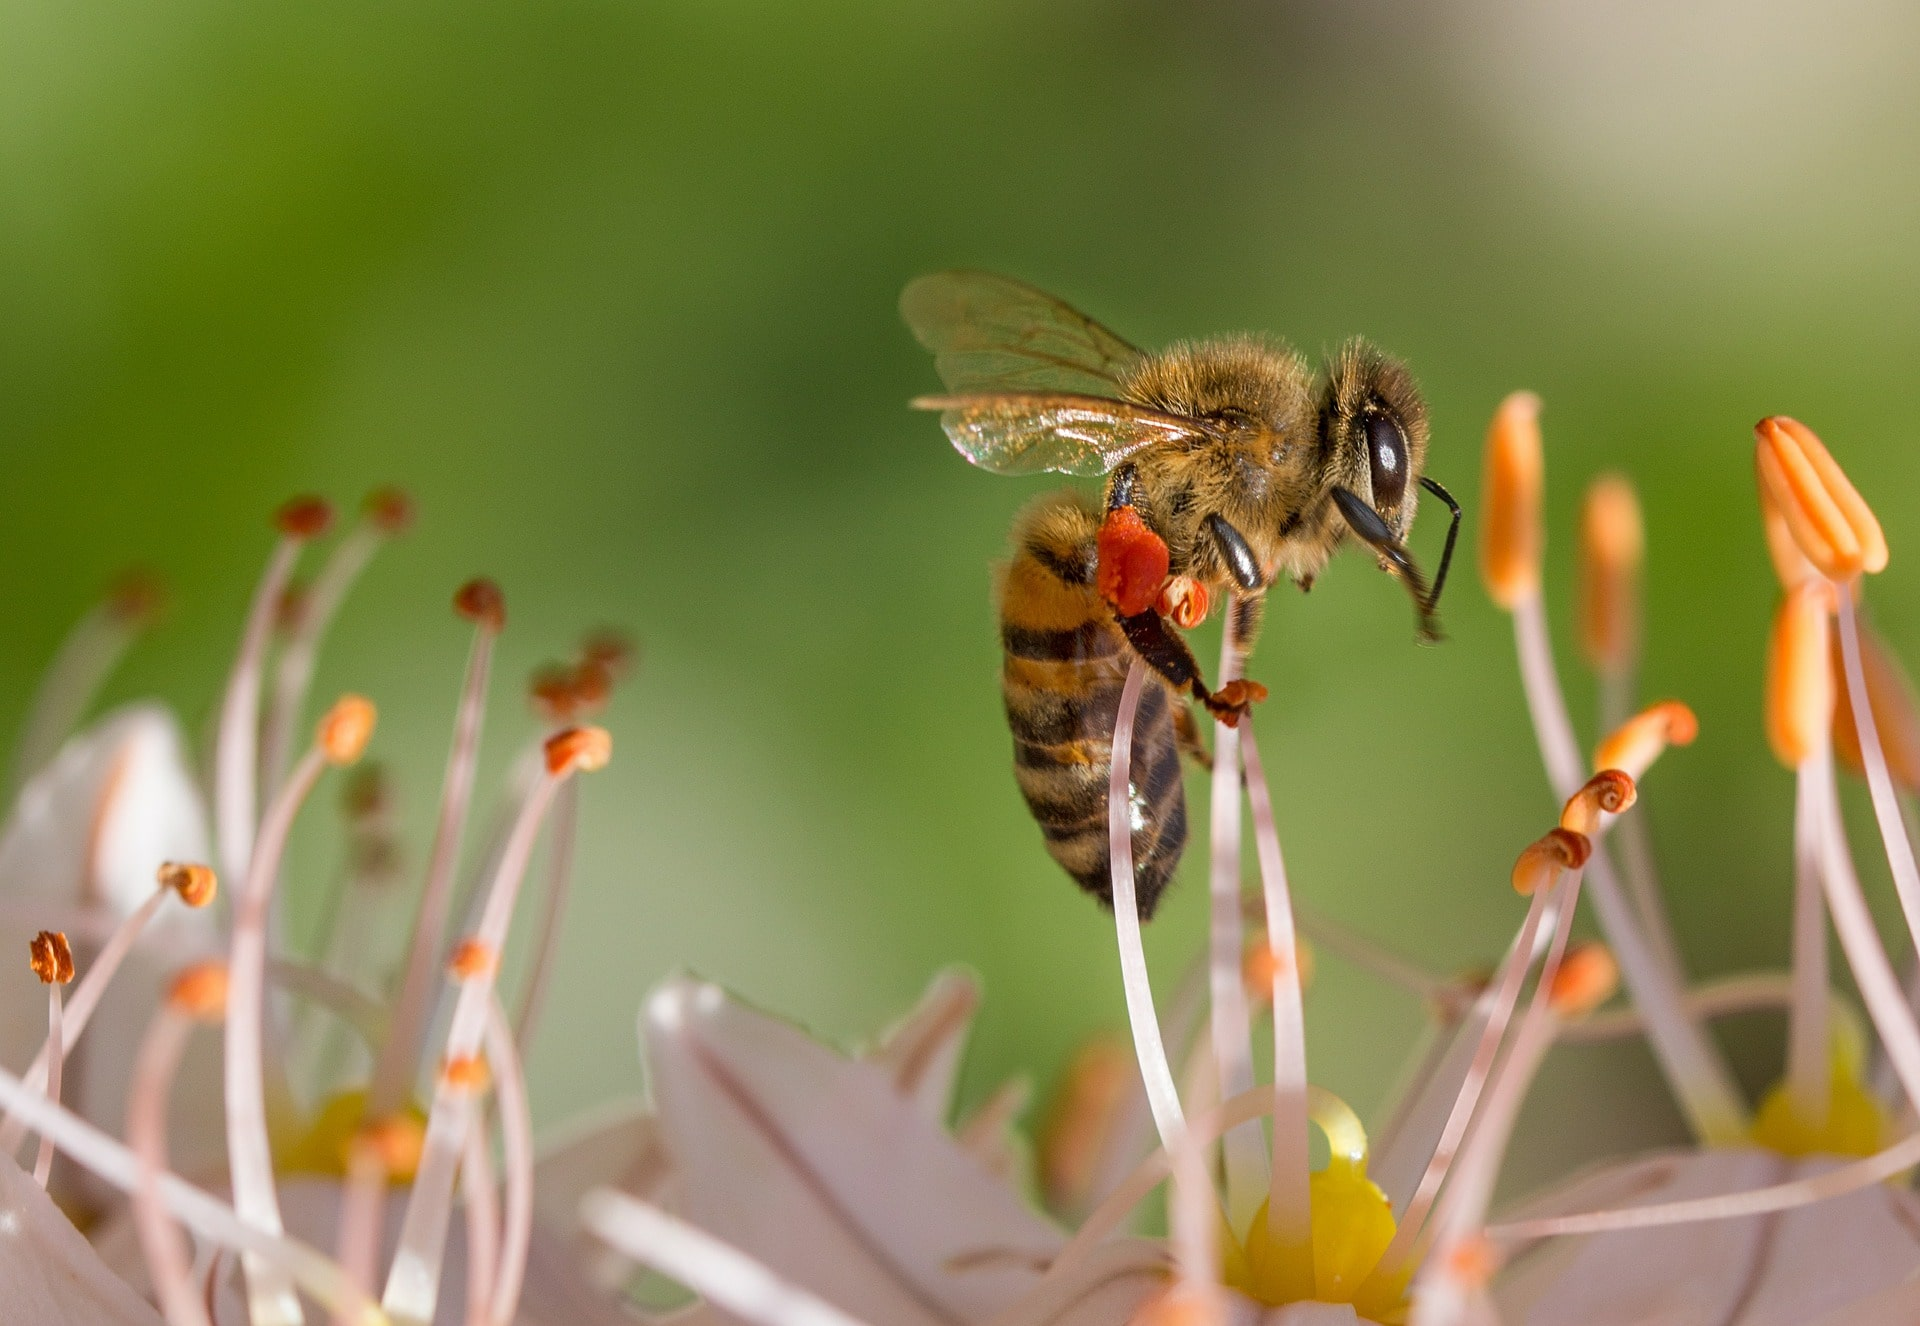 Le api possono aiutarci con il tracciamento dei positivi al coronavirus?